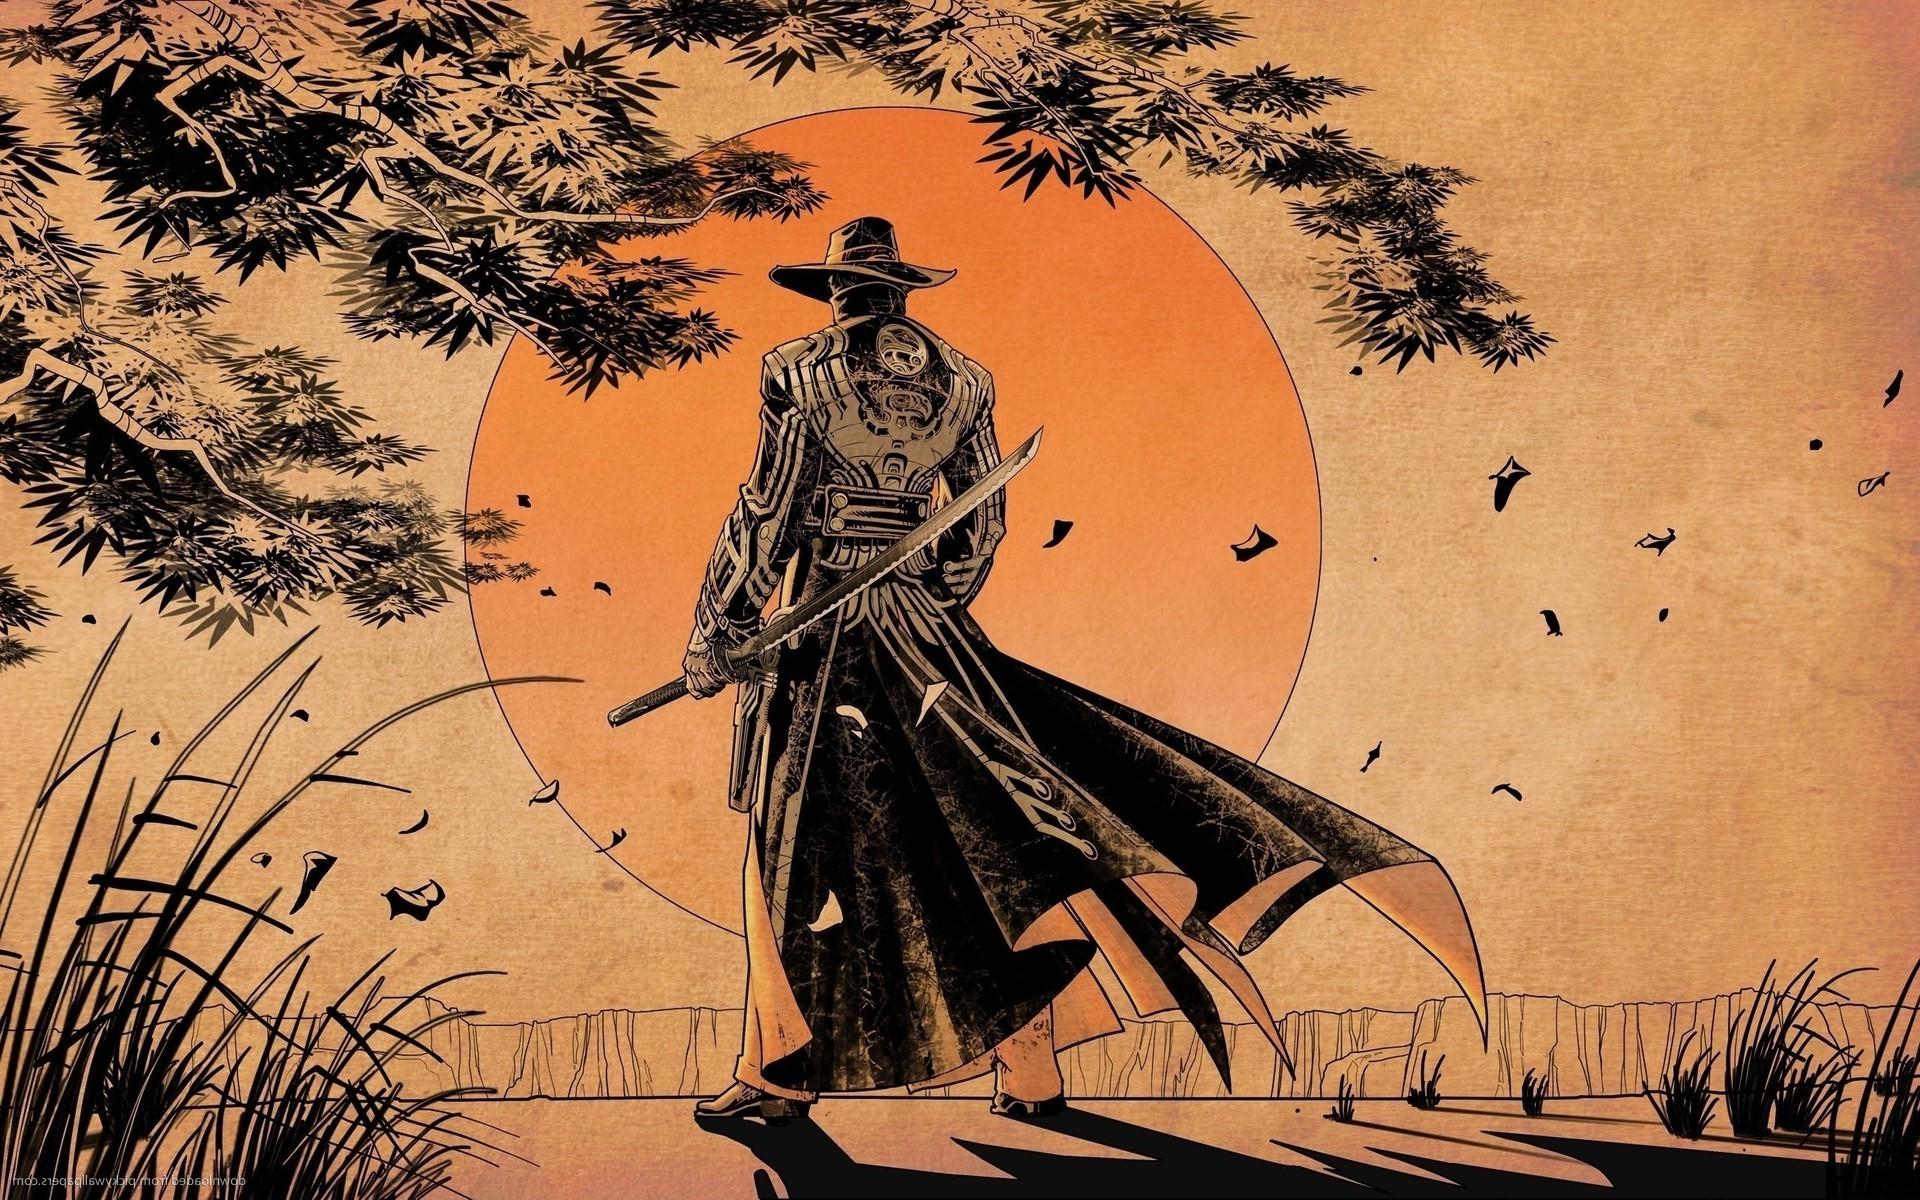 Drawn samurai desktop background Art Grass digital Cliff